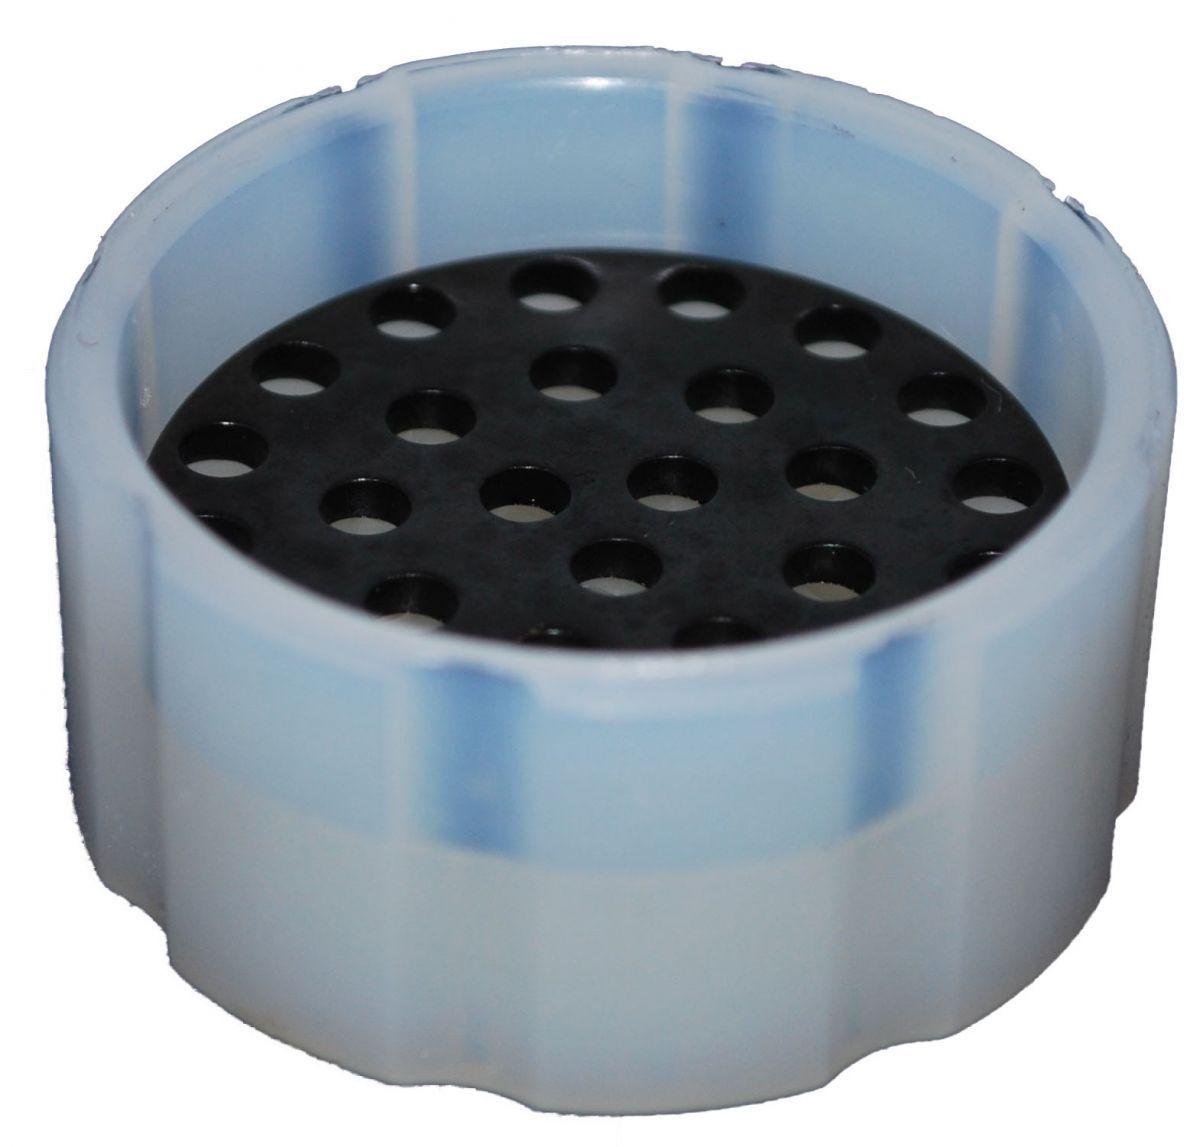 von arx 34 serie naaldenhouder 4mm